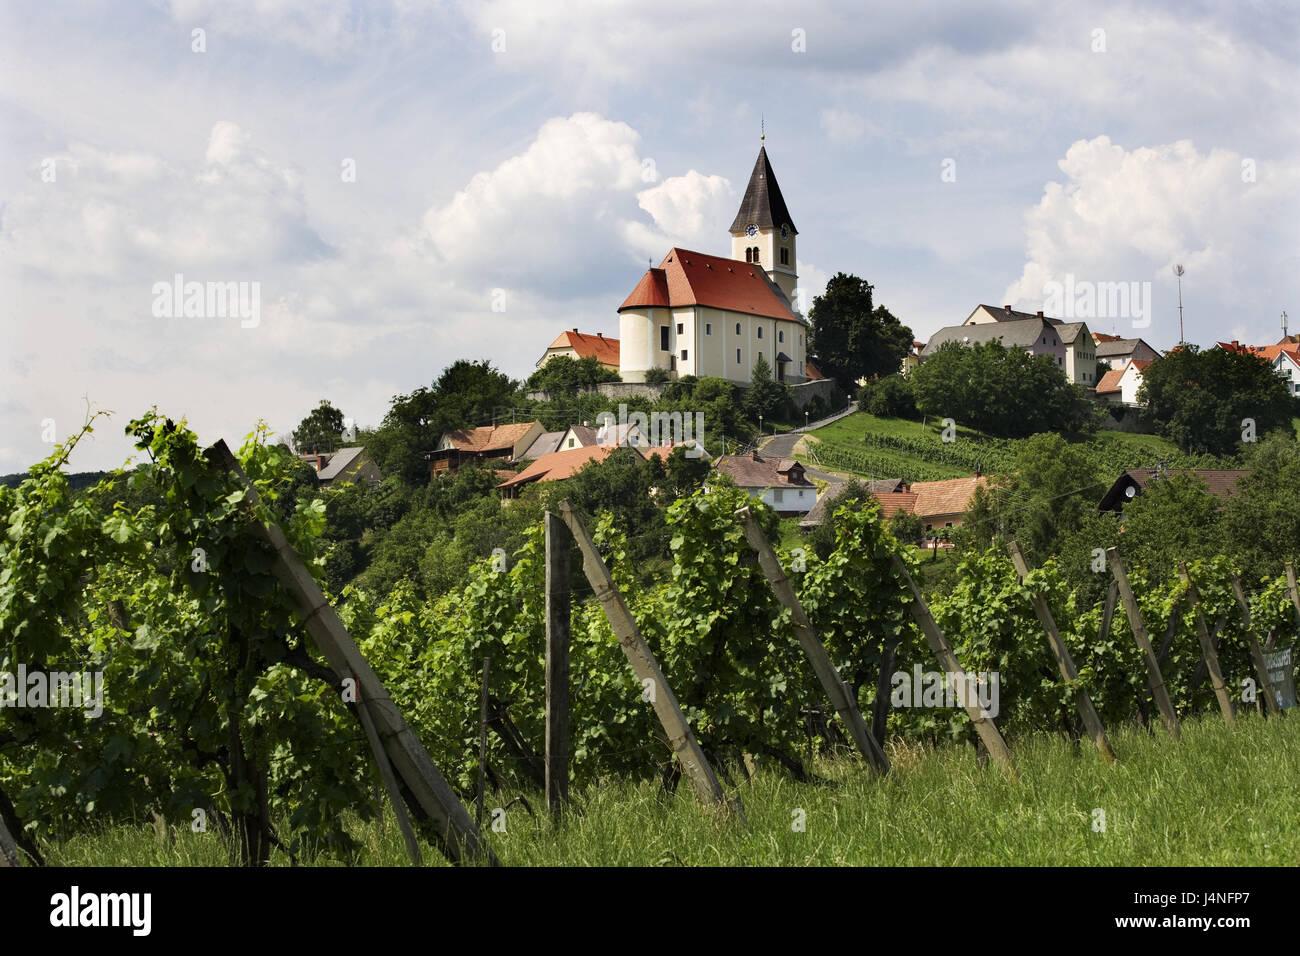 Austria Styria Saint Anna In The Aigen Hill Parish Church Place